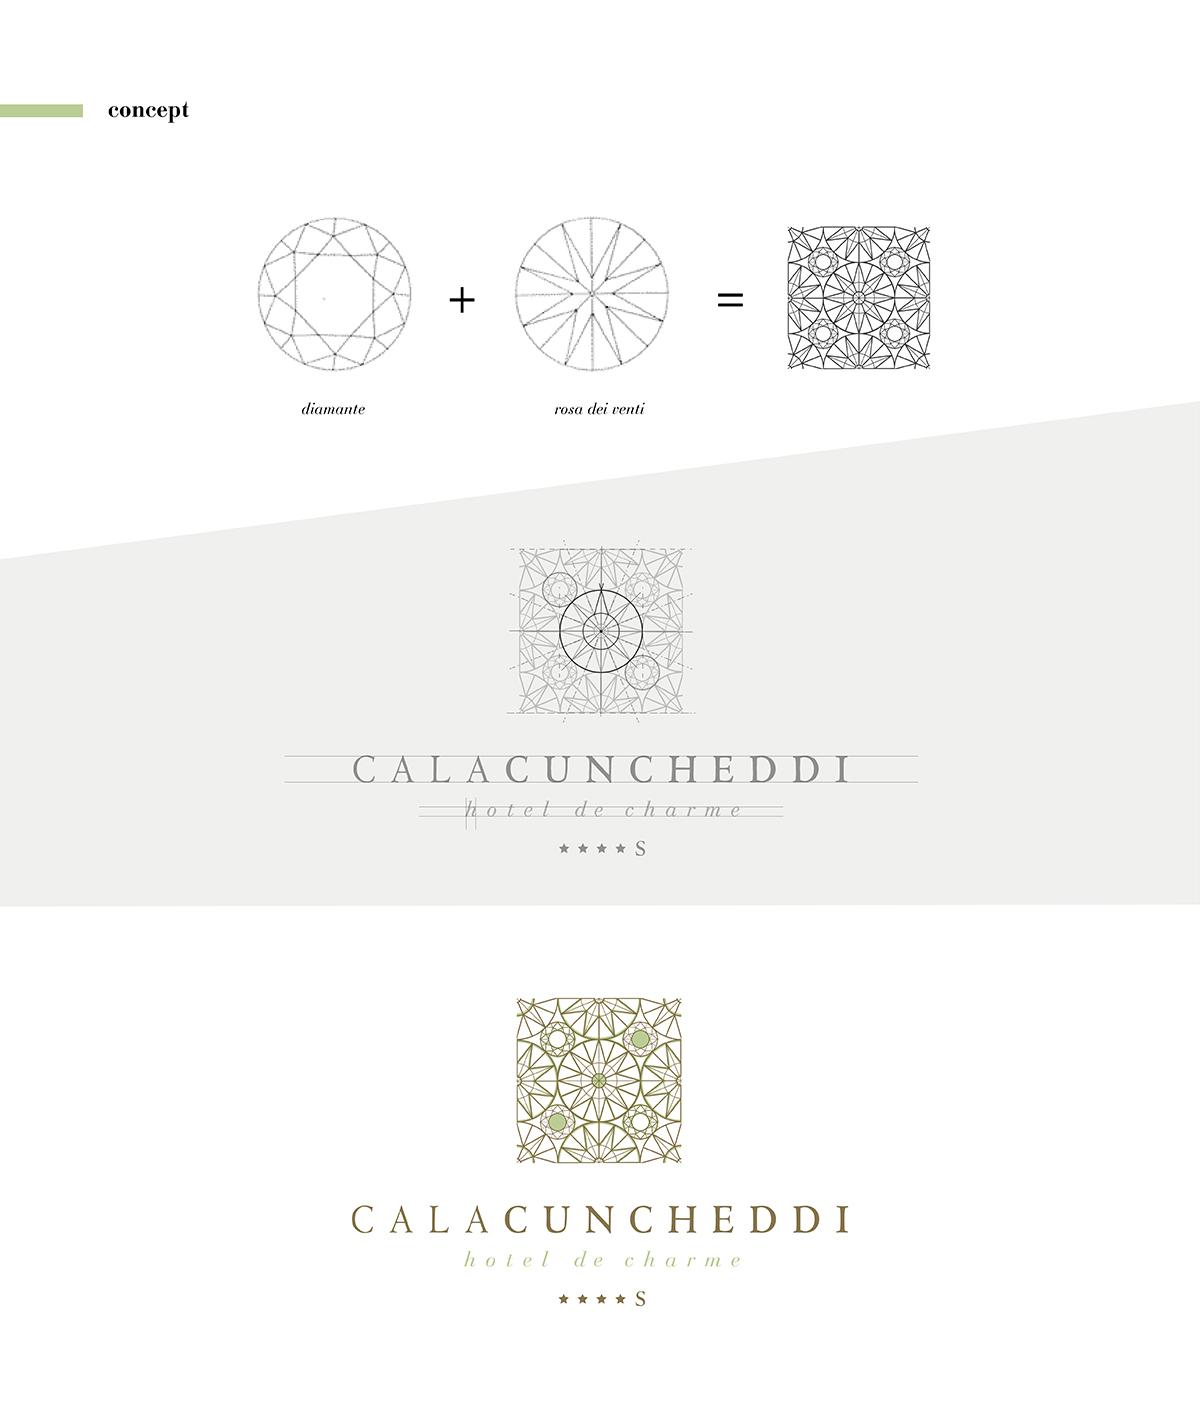 Hotel Calacuncheddi - Logo